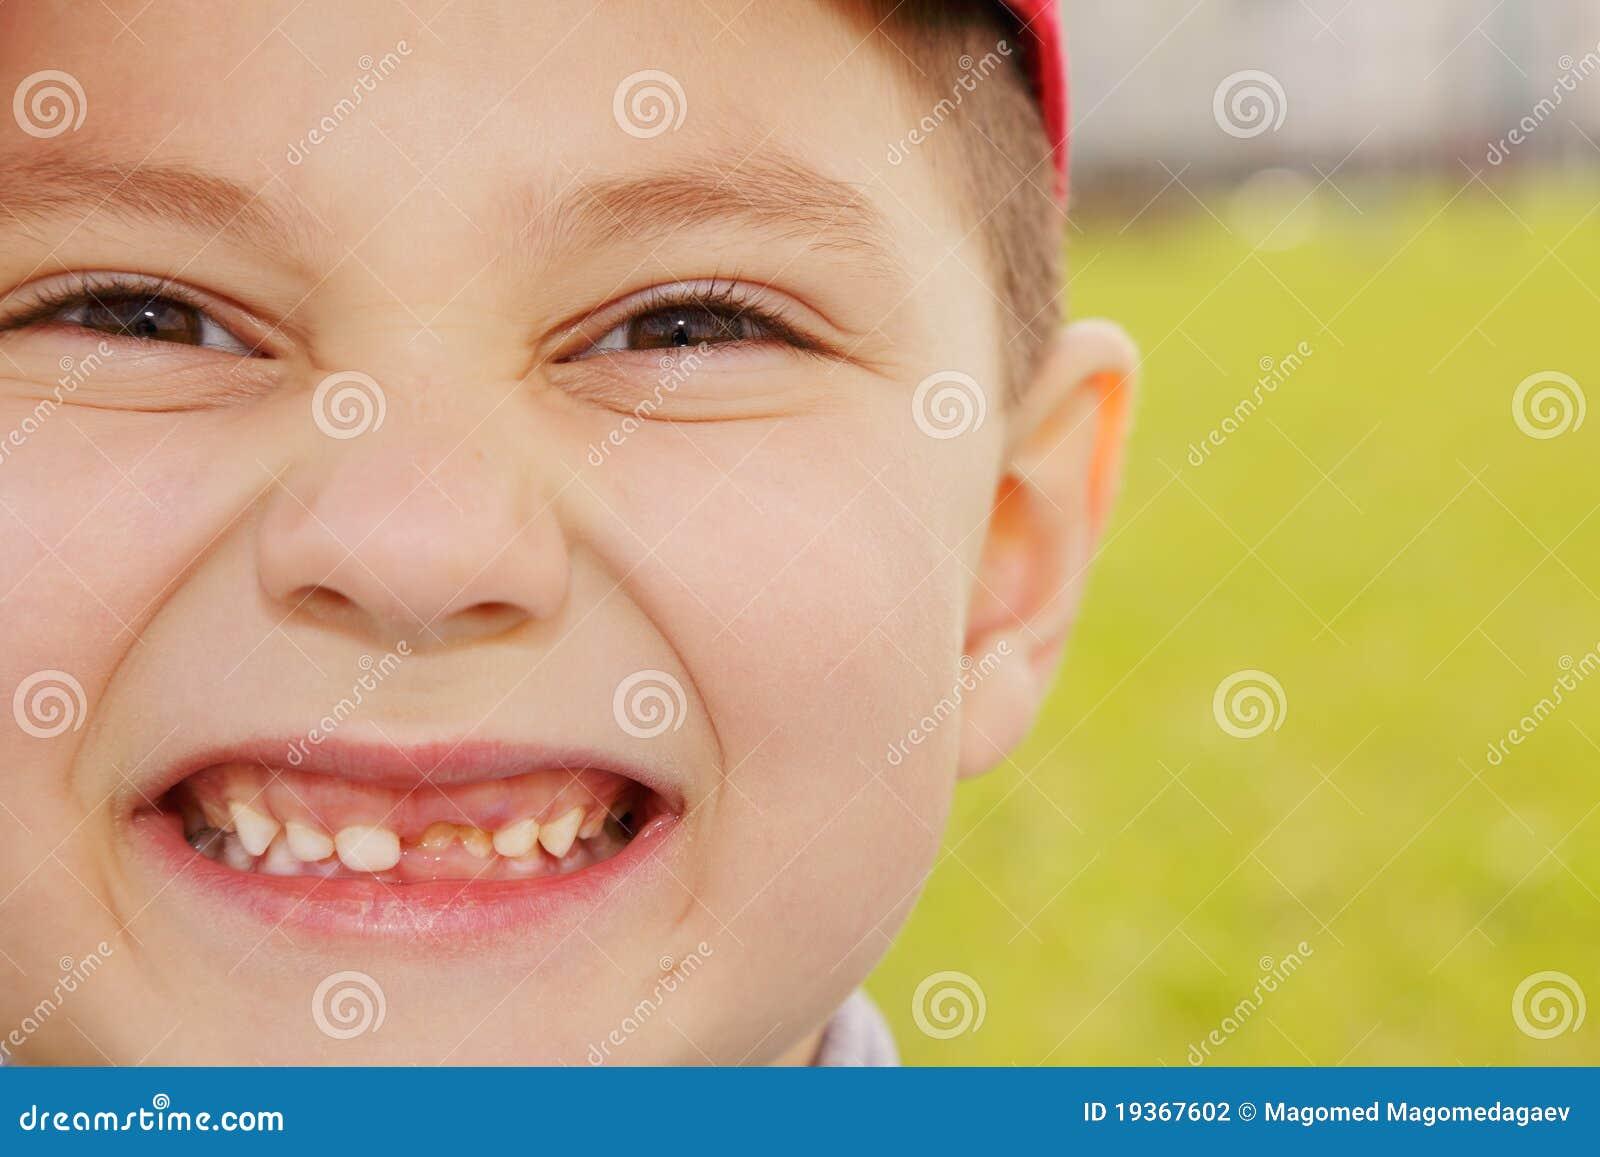 Primeiro dente fora